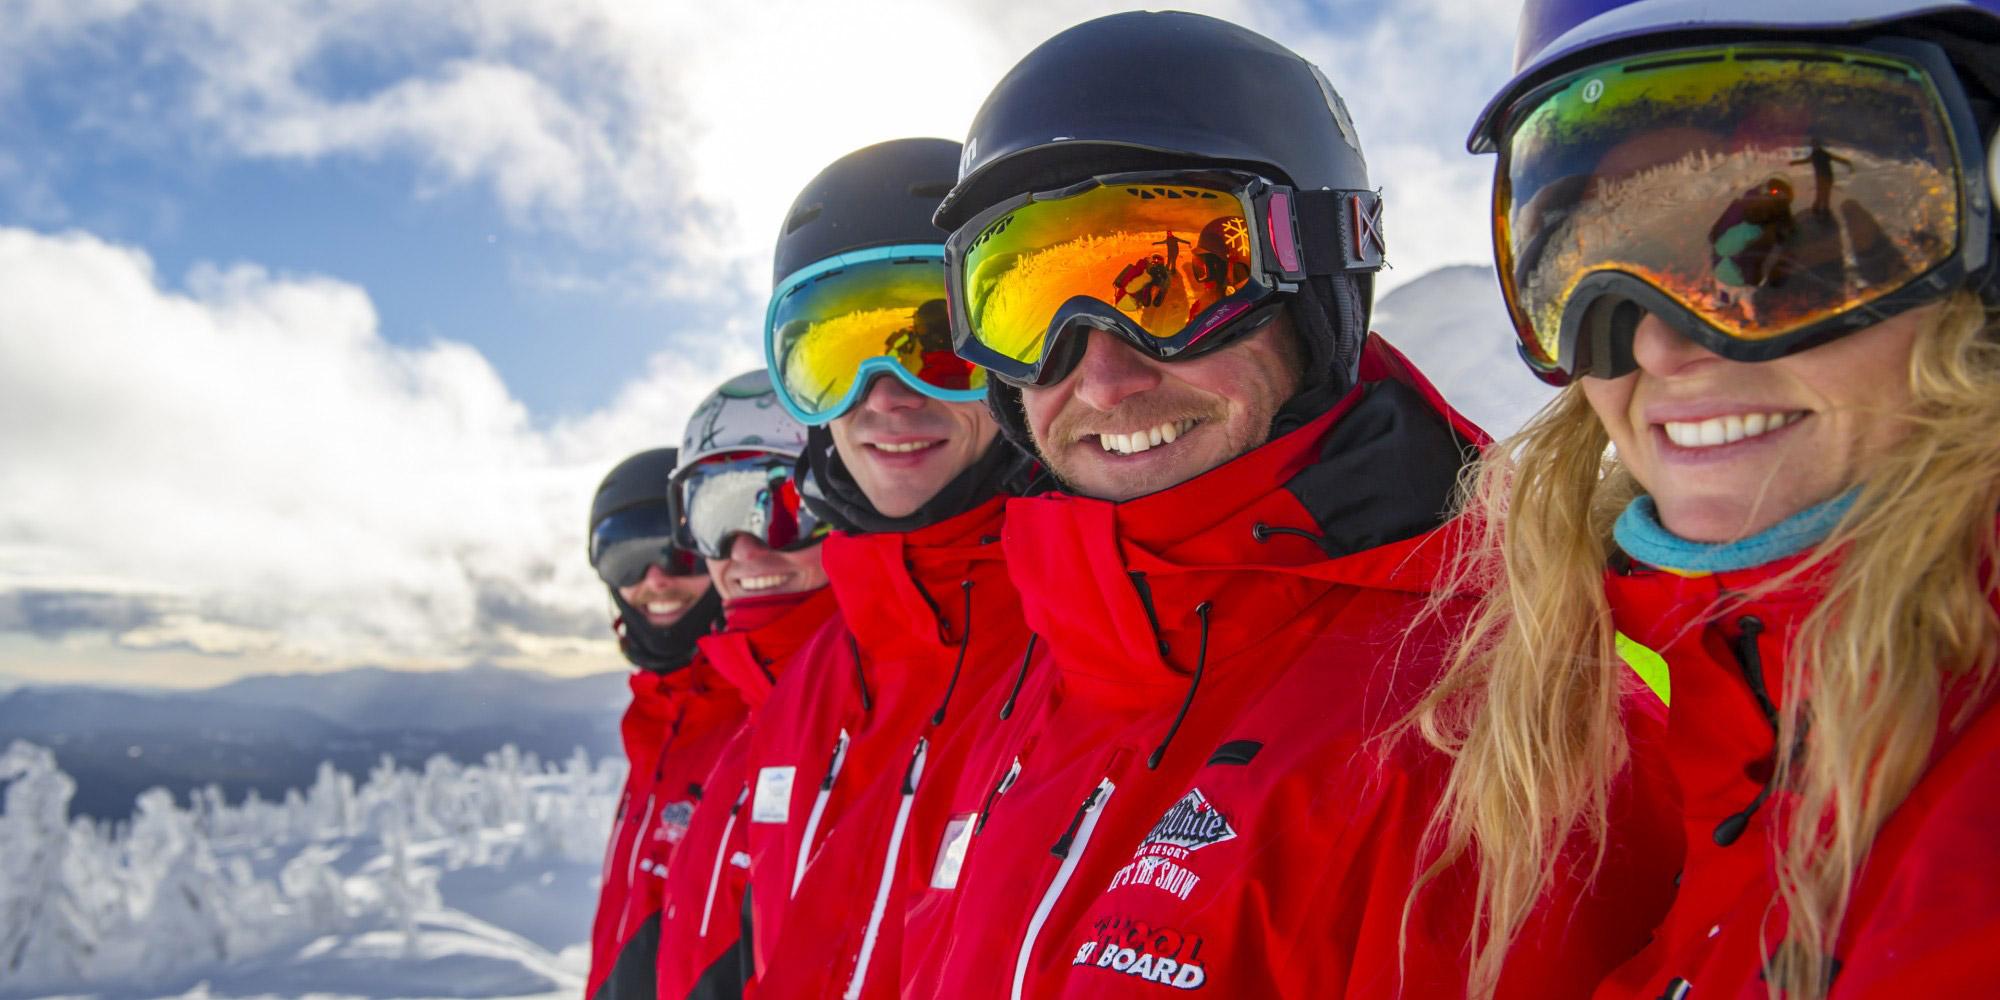 NothinButSnow-Snowboard-Coaches-SM